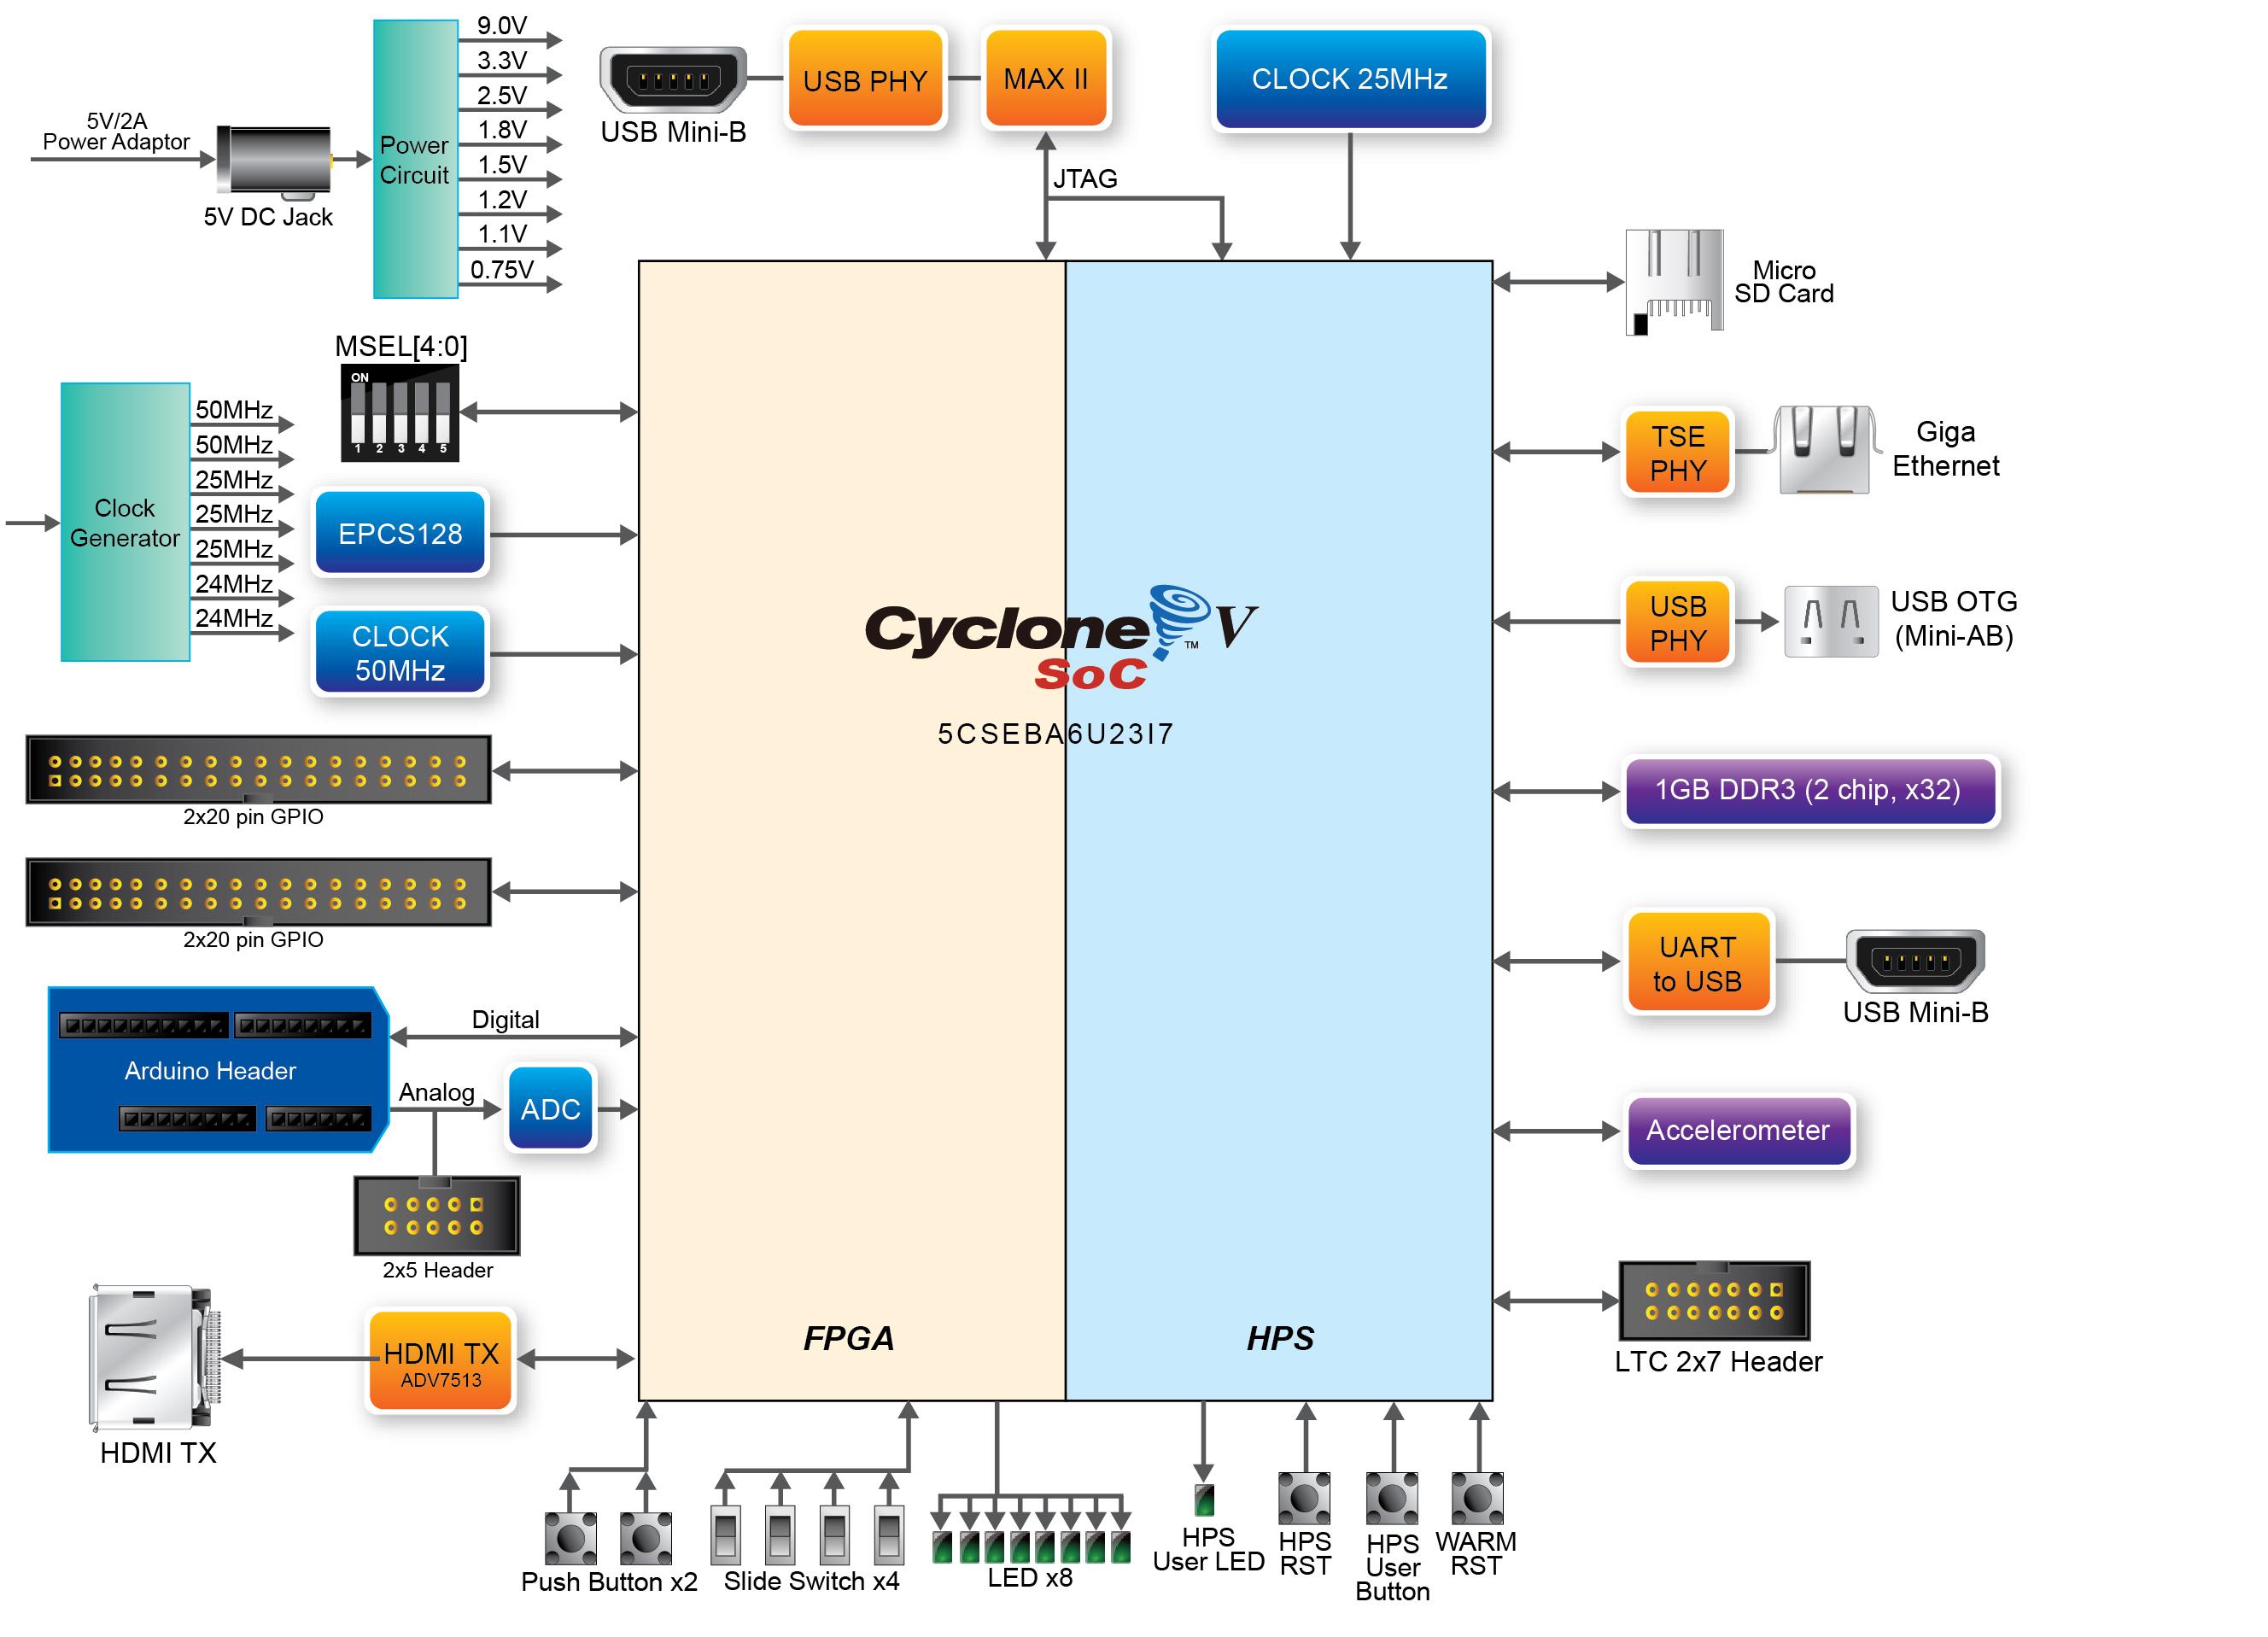 DE10-Nano، برد دی ای 10 - نانو ، پردازنده اینتل، سایکلون ، FPGA، HPS، پردازنده آرم، کرتکس A9، آردوینو، SDRAM، Windows XP، Altera